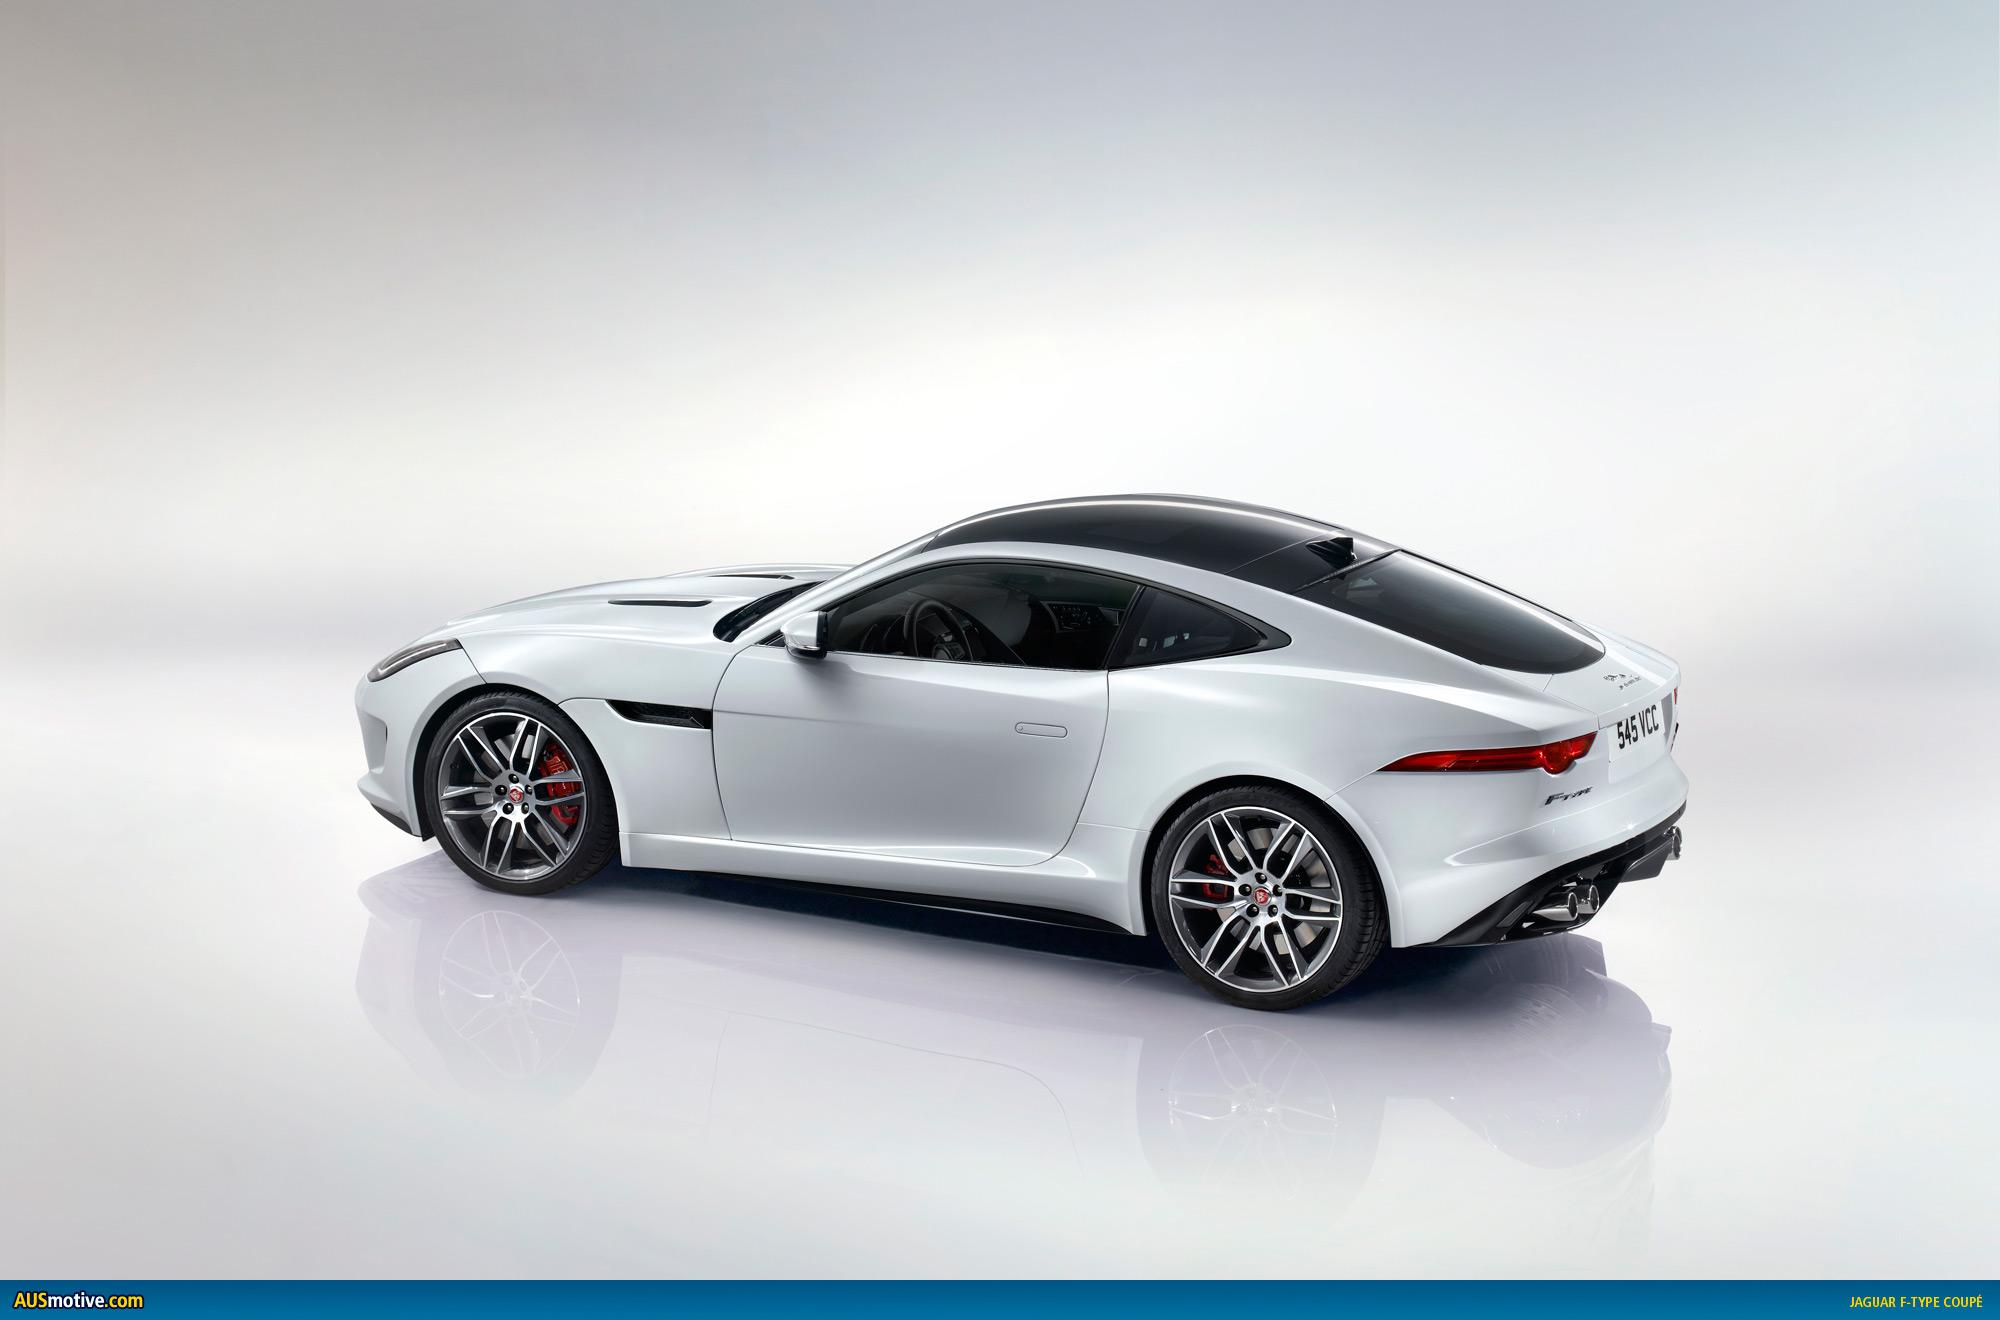 Ausmotive Com 187 La 2013 Jaguar F Type Coup 233 Revealed